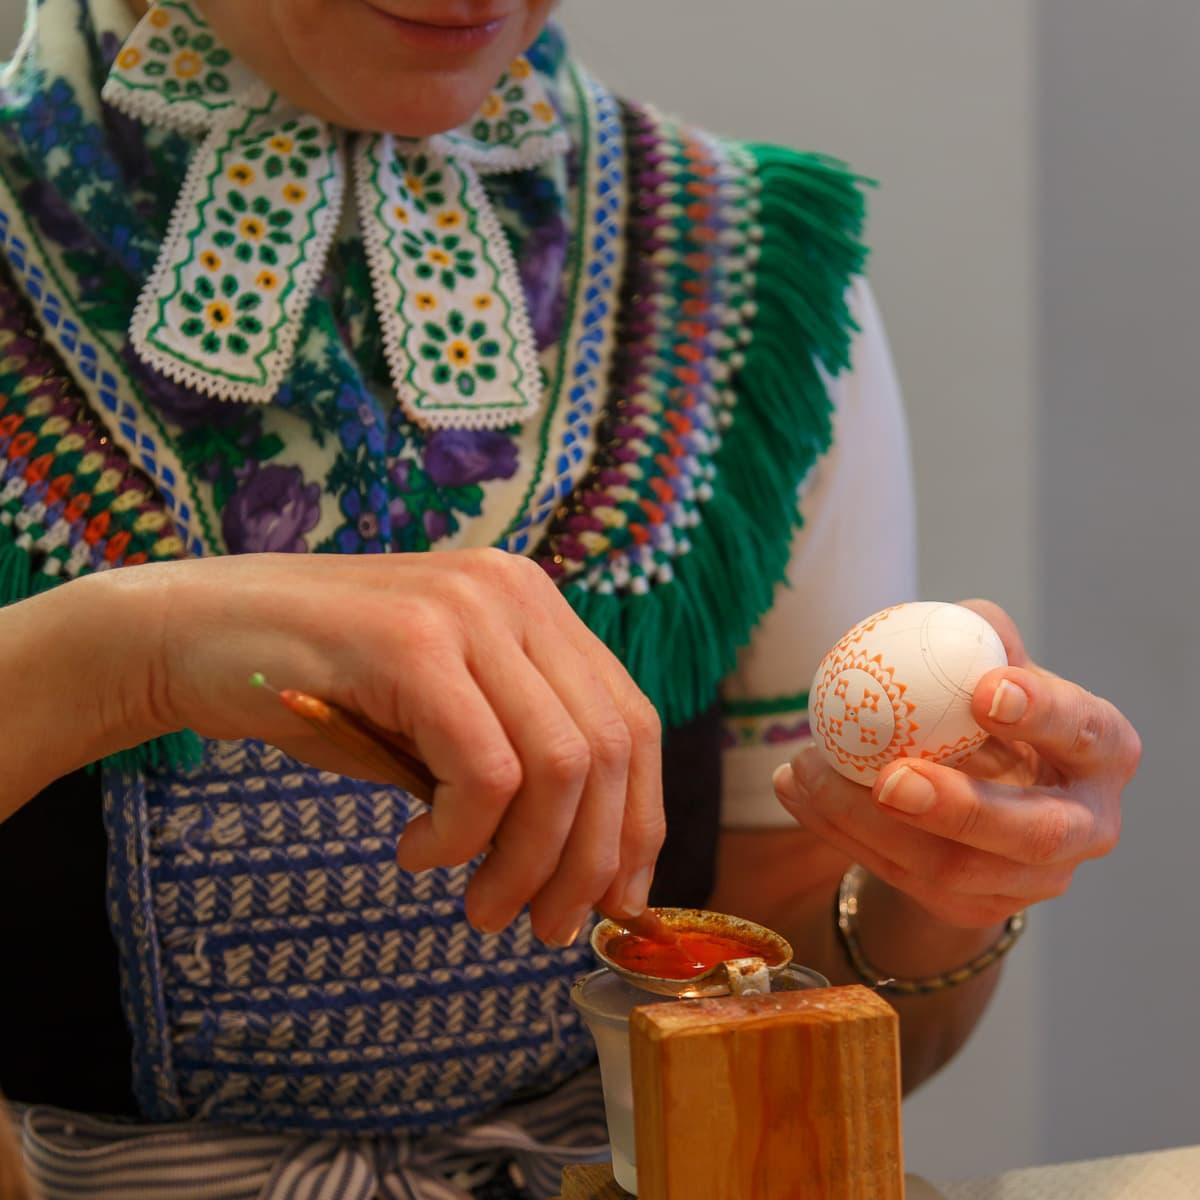 Hände einer Sorbin beim gestalten von sorbischen Ostereiern mit Wachstechnik